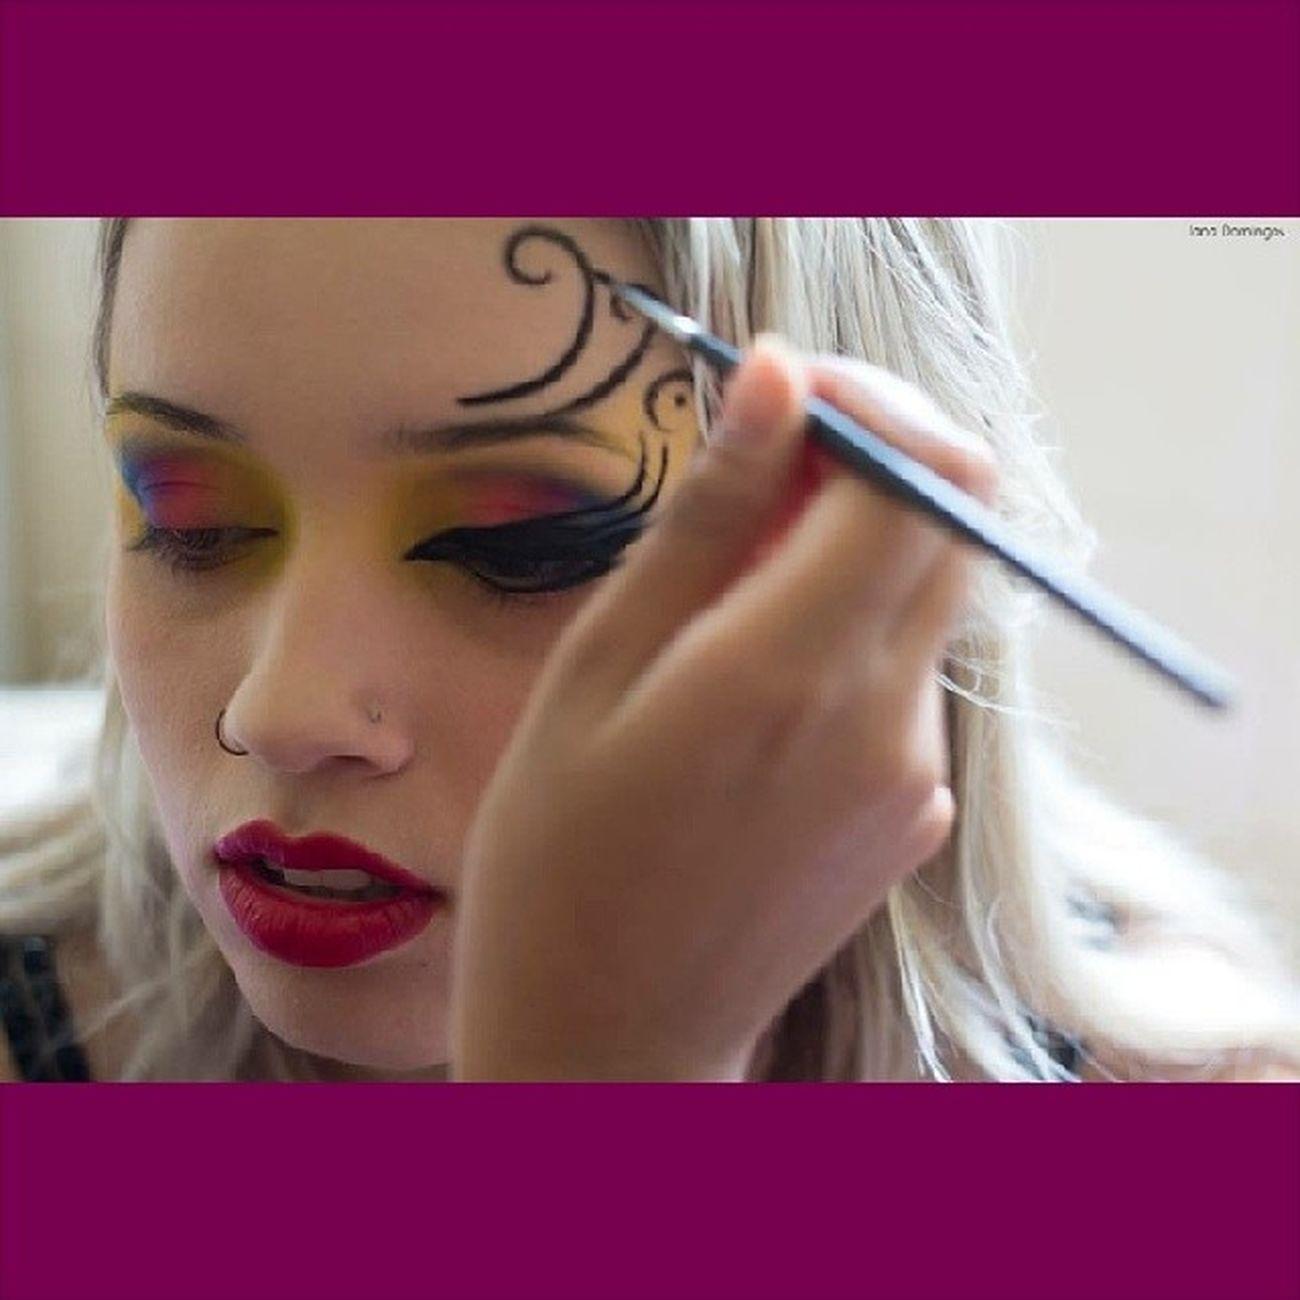 Colorindo a Lorão! Maquiagemartistica Tribalmake Maquiagem Maquiadora job luescarbemakeup